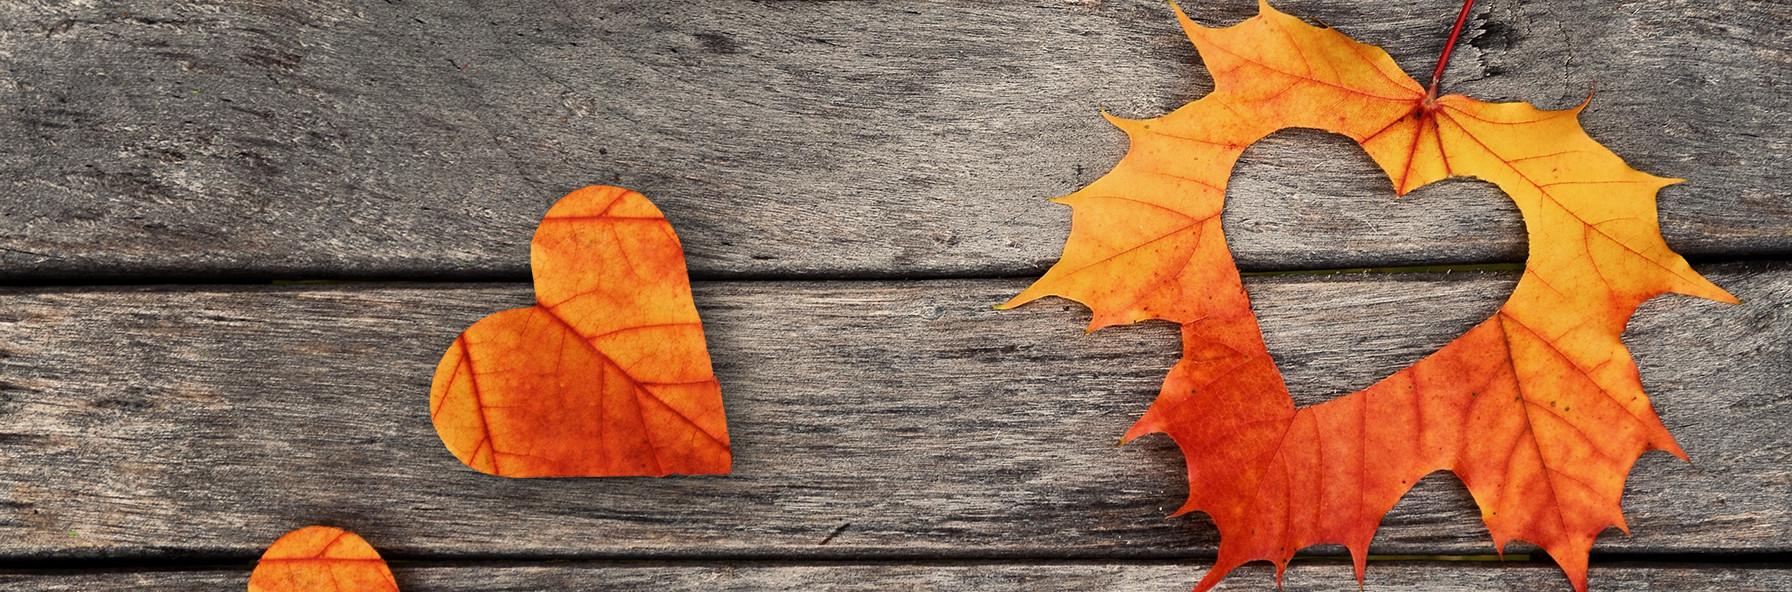 Jesienny relaks i odpoczynek